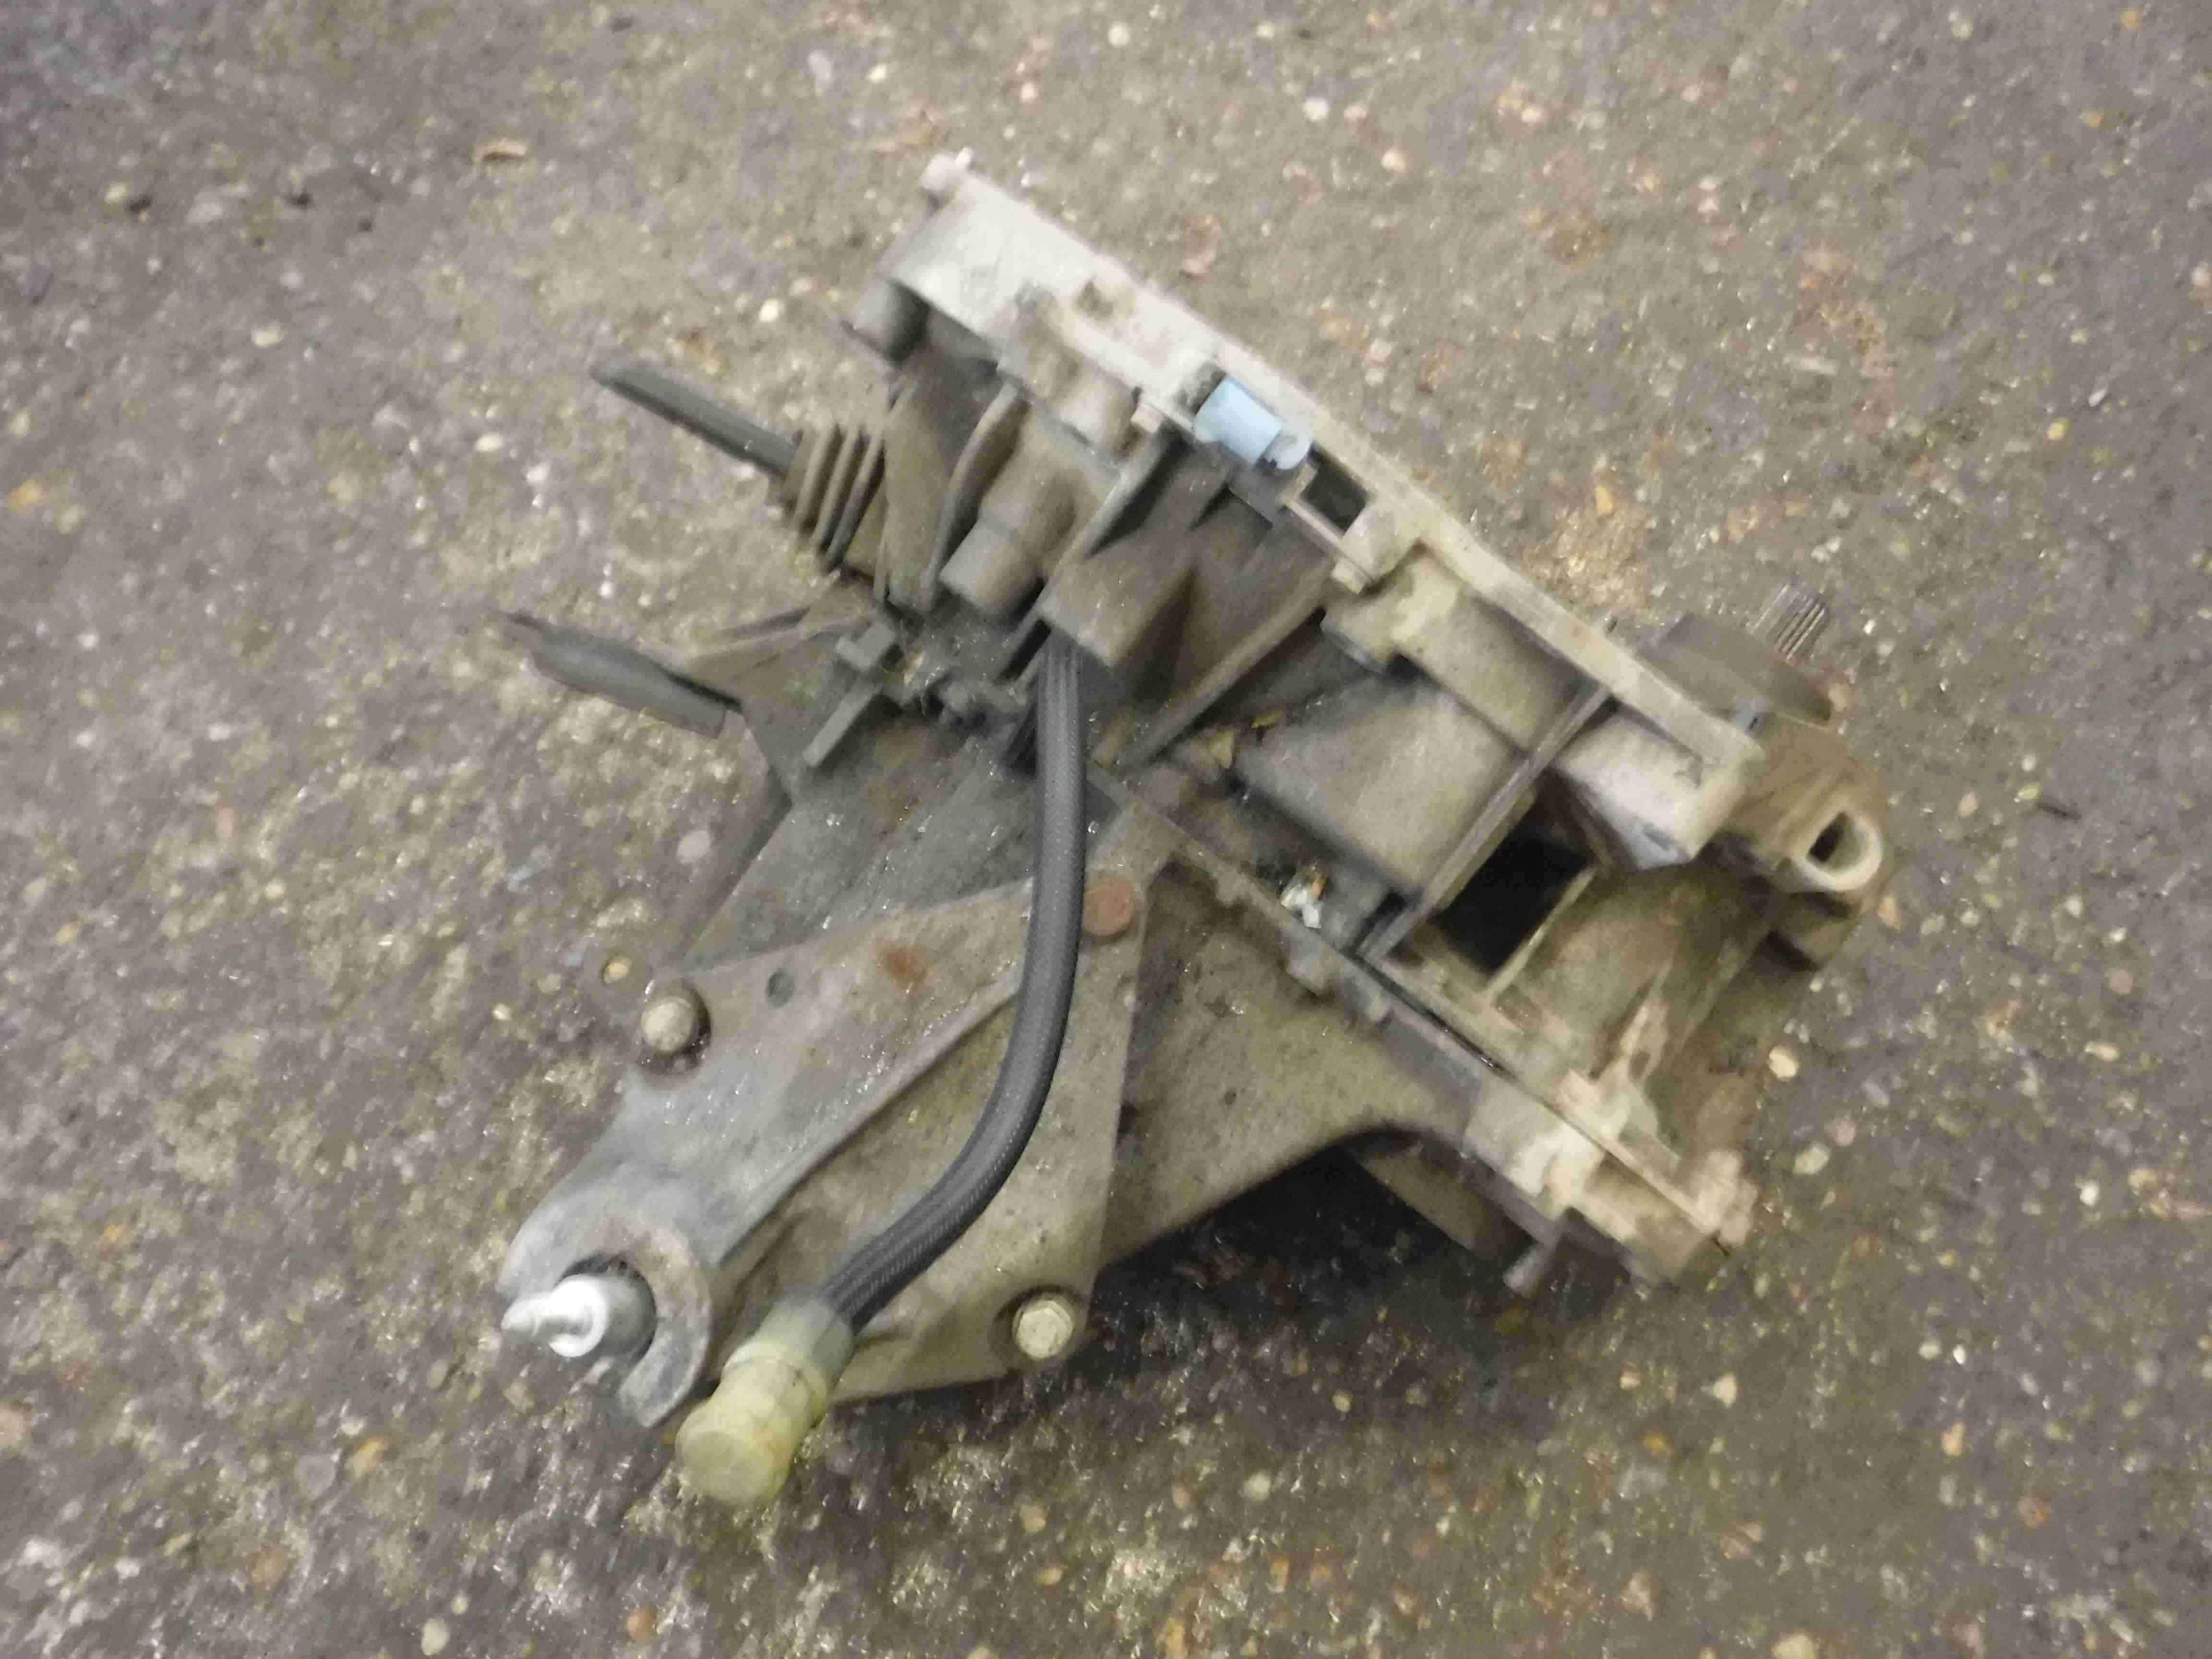 Renault Twingo 2007-2011 1.2 16v Gearbox JB1 521 jb1521